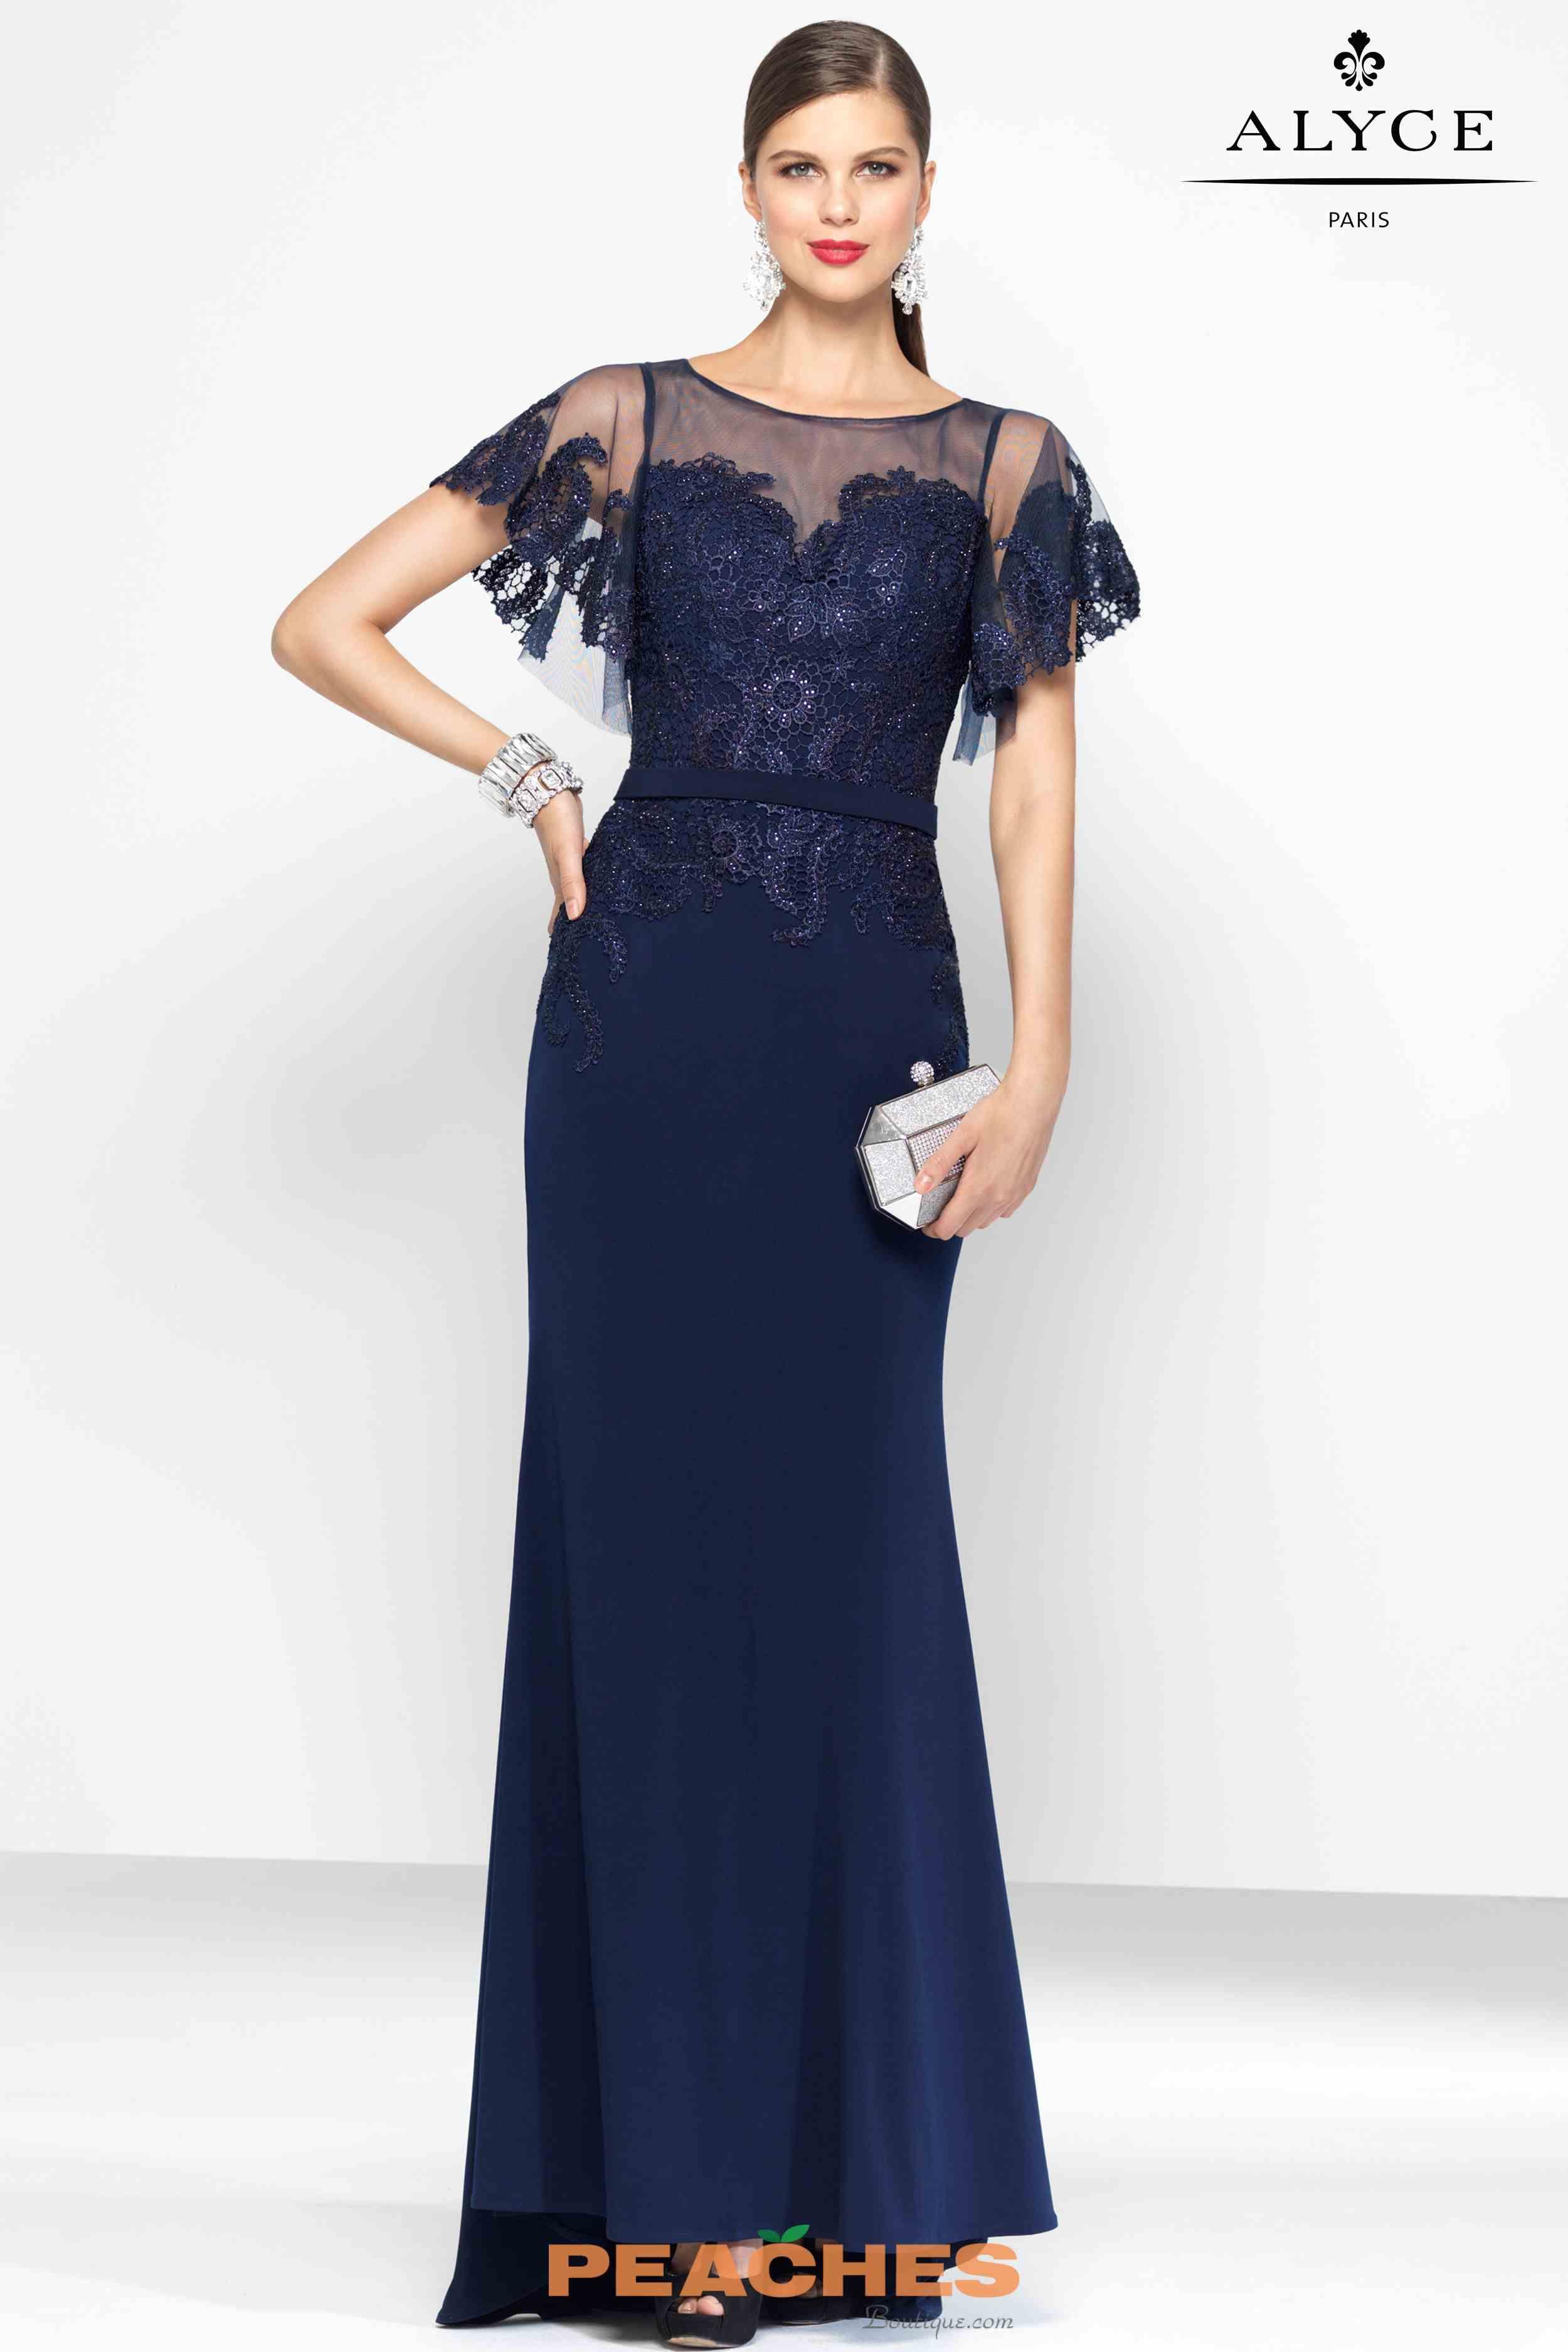 Alyce paris lace dress wedding dresses pinterest dream